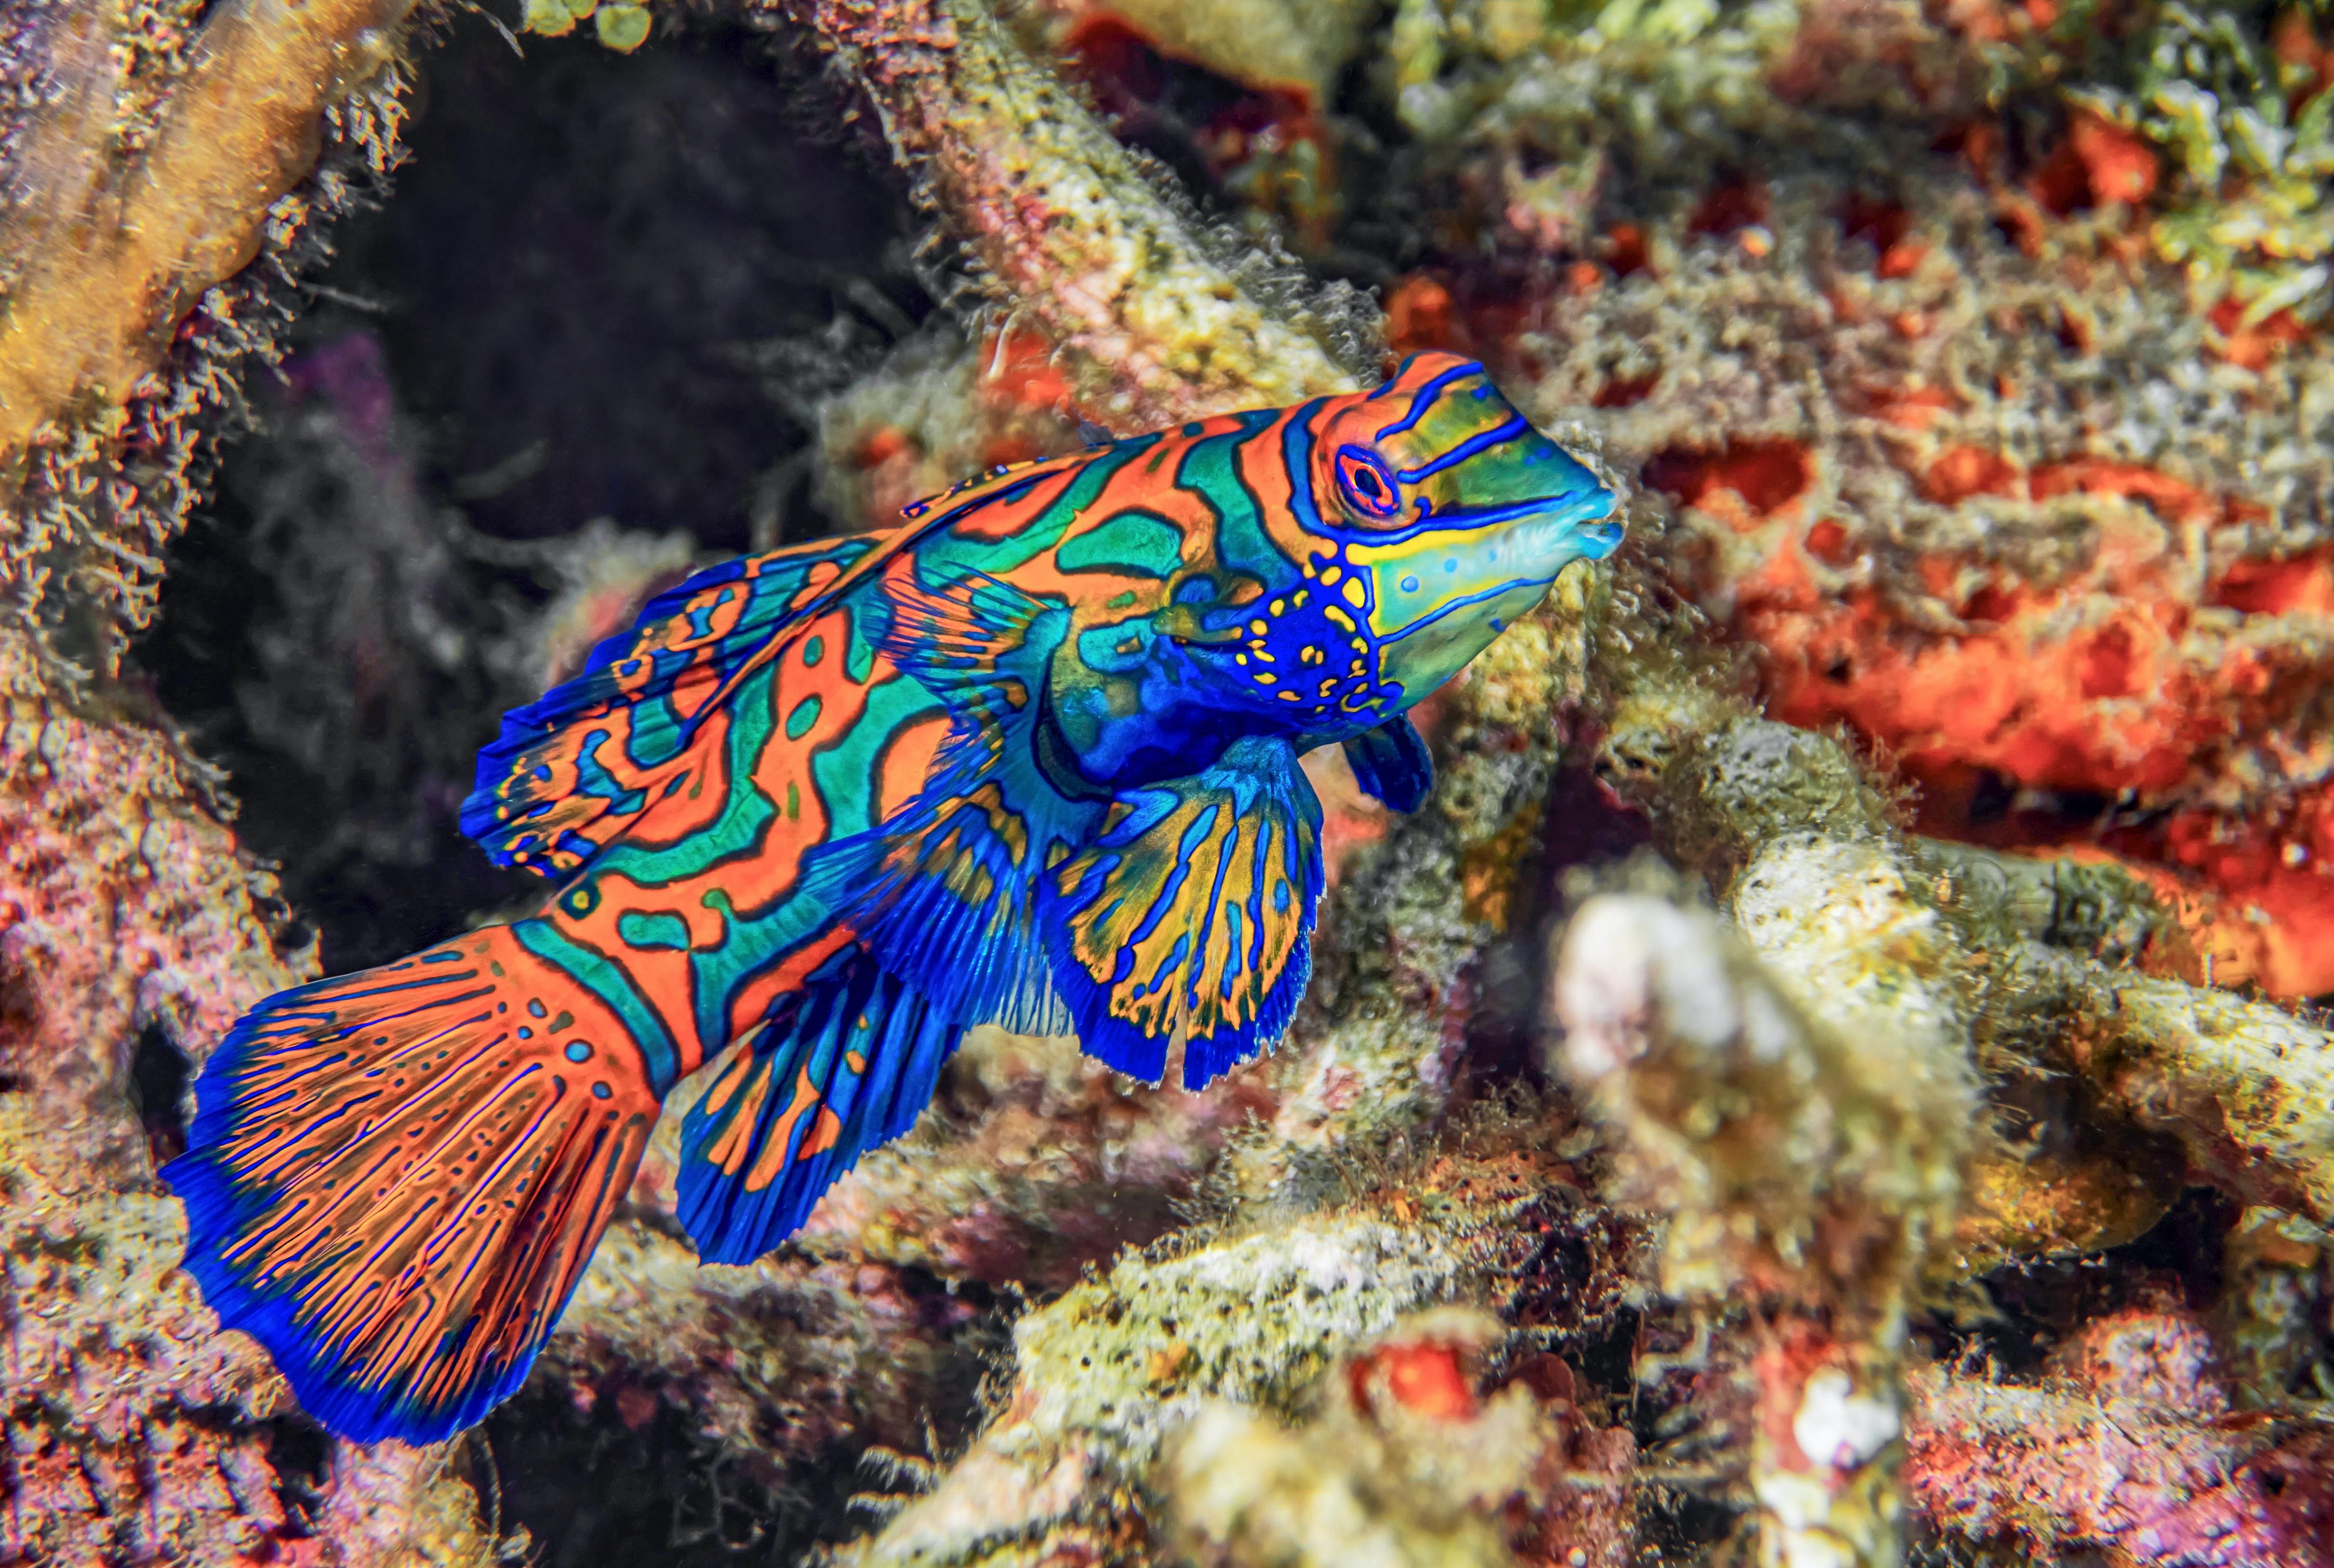 Mandarin Fish at Lembeh Strait, Diving Resort, Indonesien; image by Dorothea OLDANI, via Unsplash.com.